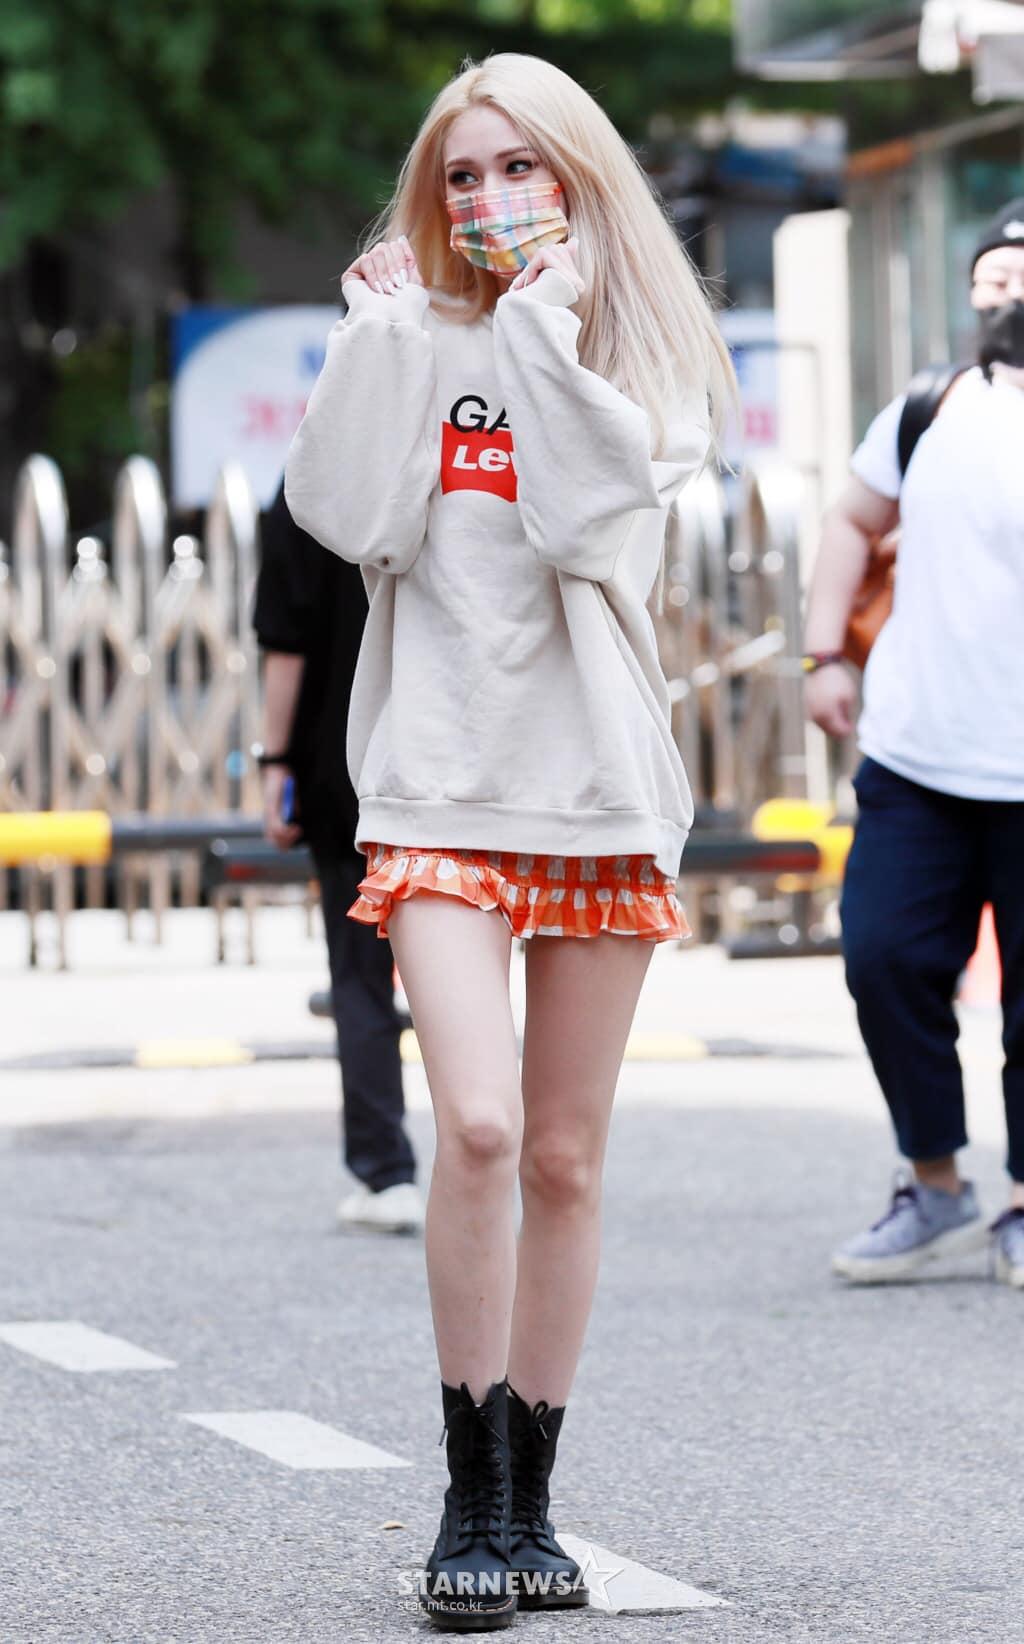 Trang phục khoe chân cũng được idol sinh năm 2001 diện tích cực khi đi làm, tạo nên vẻ trẻ trung, năng động phù hợp lứa tuổi.